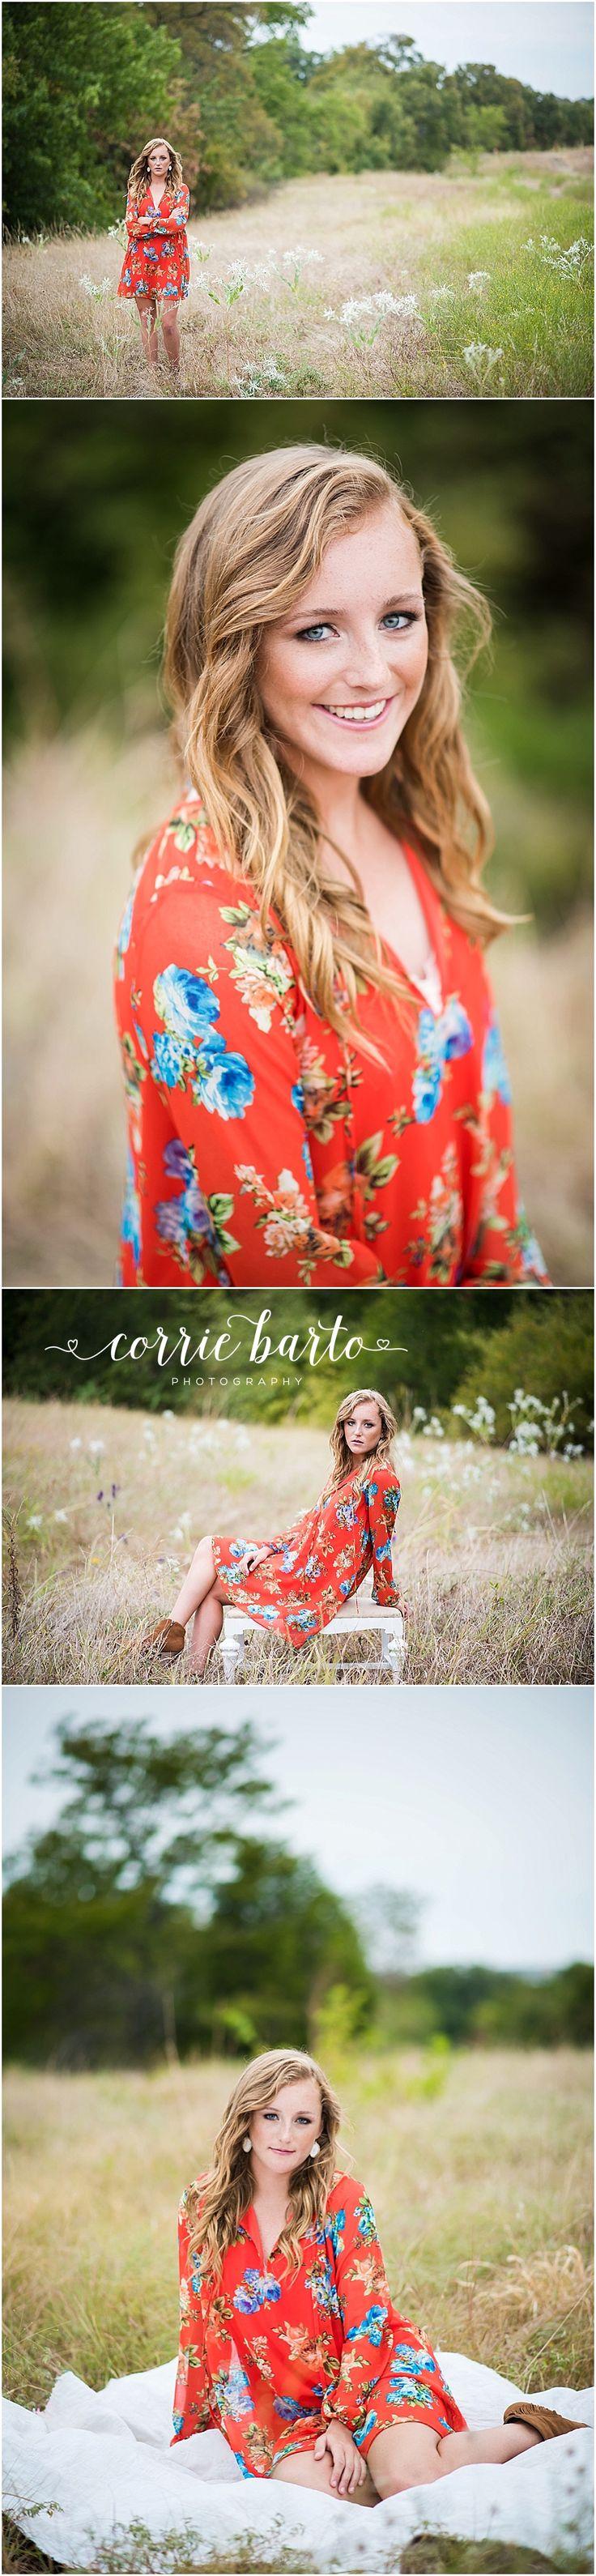 senior pictures-senior girl photos-senior nature shoot-dress ideas for senior photos-senior hairstyles-senior makeup